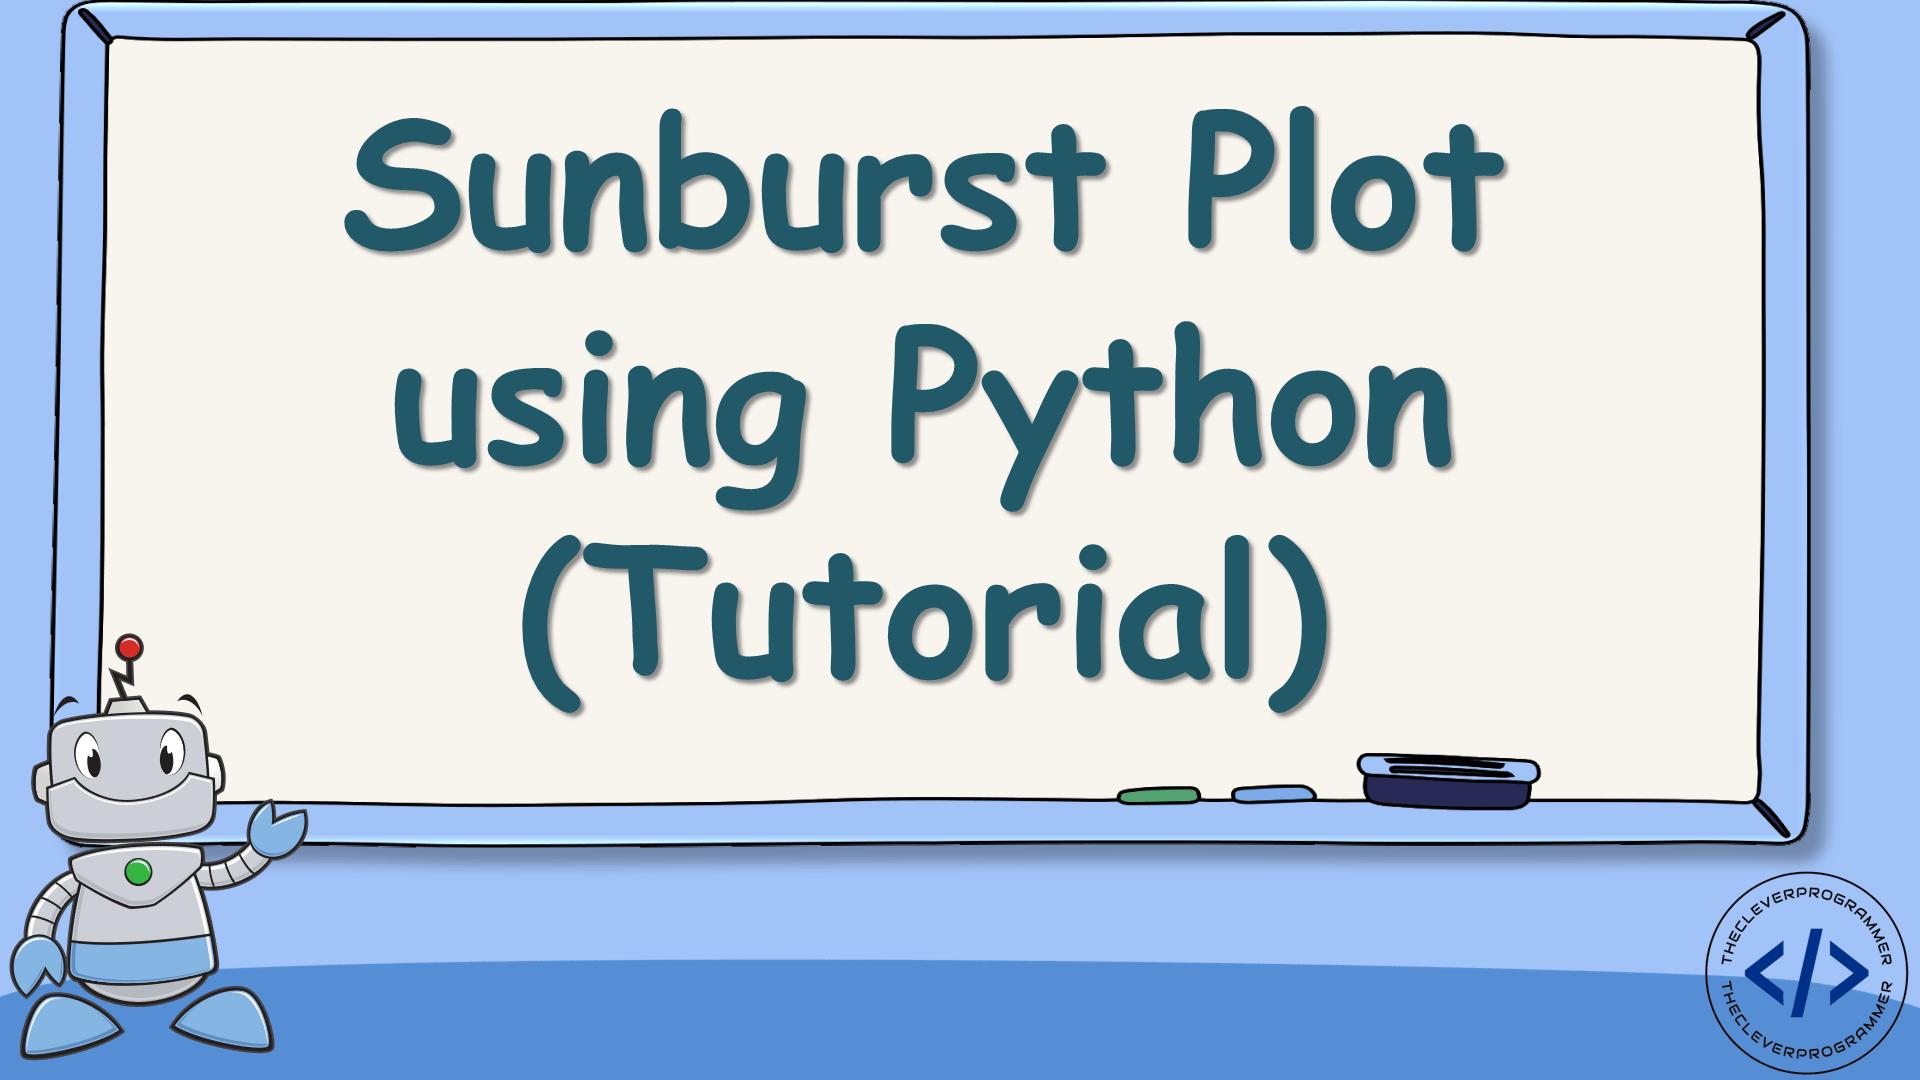 Sunburst Plot using Python